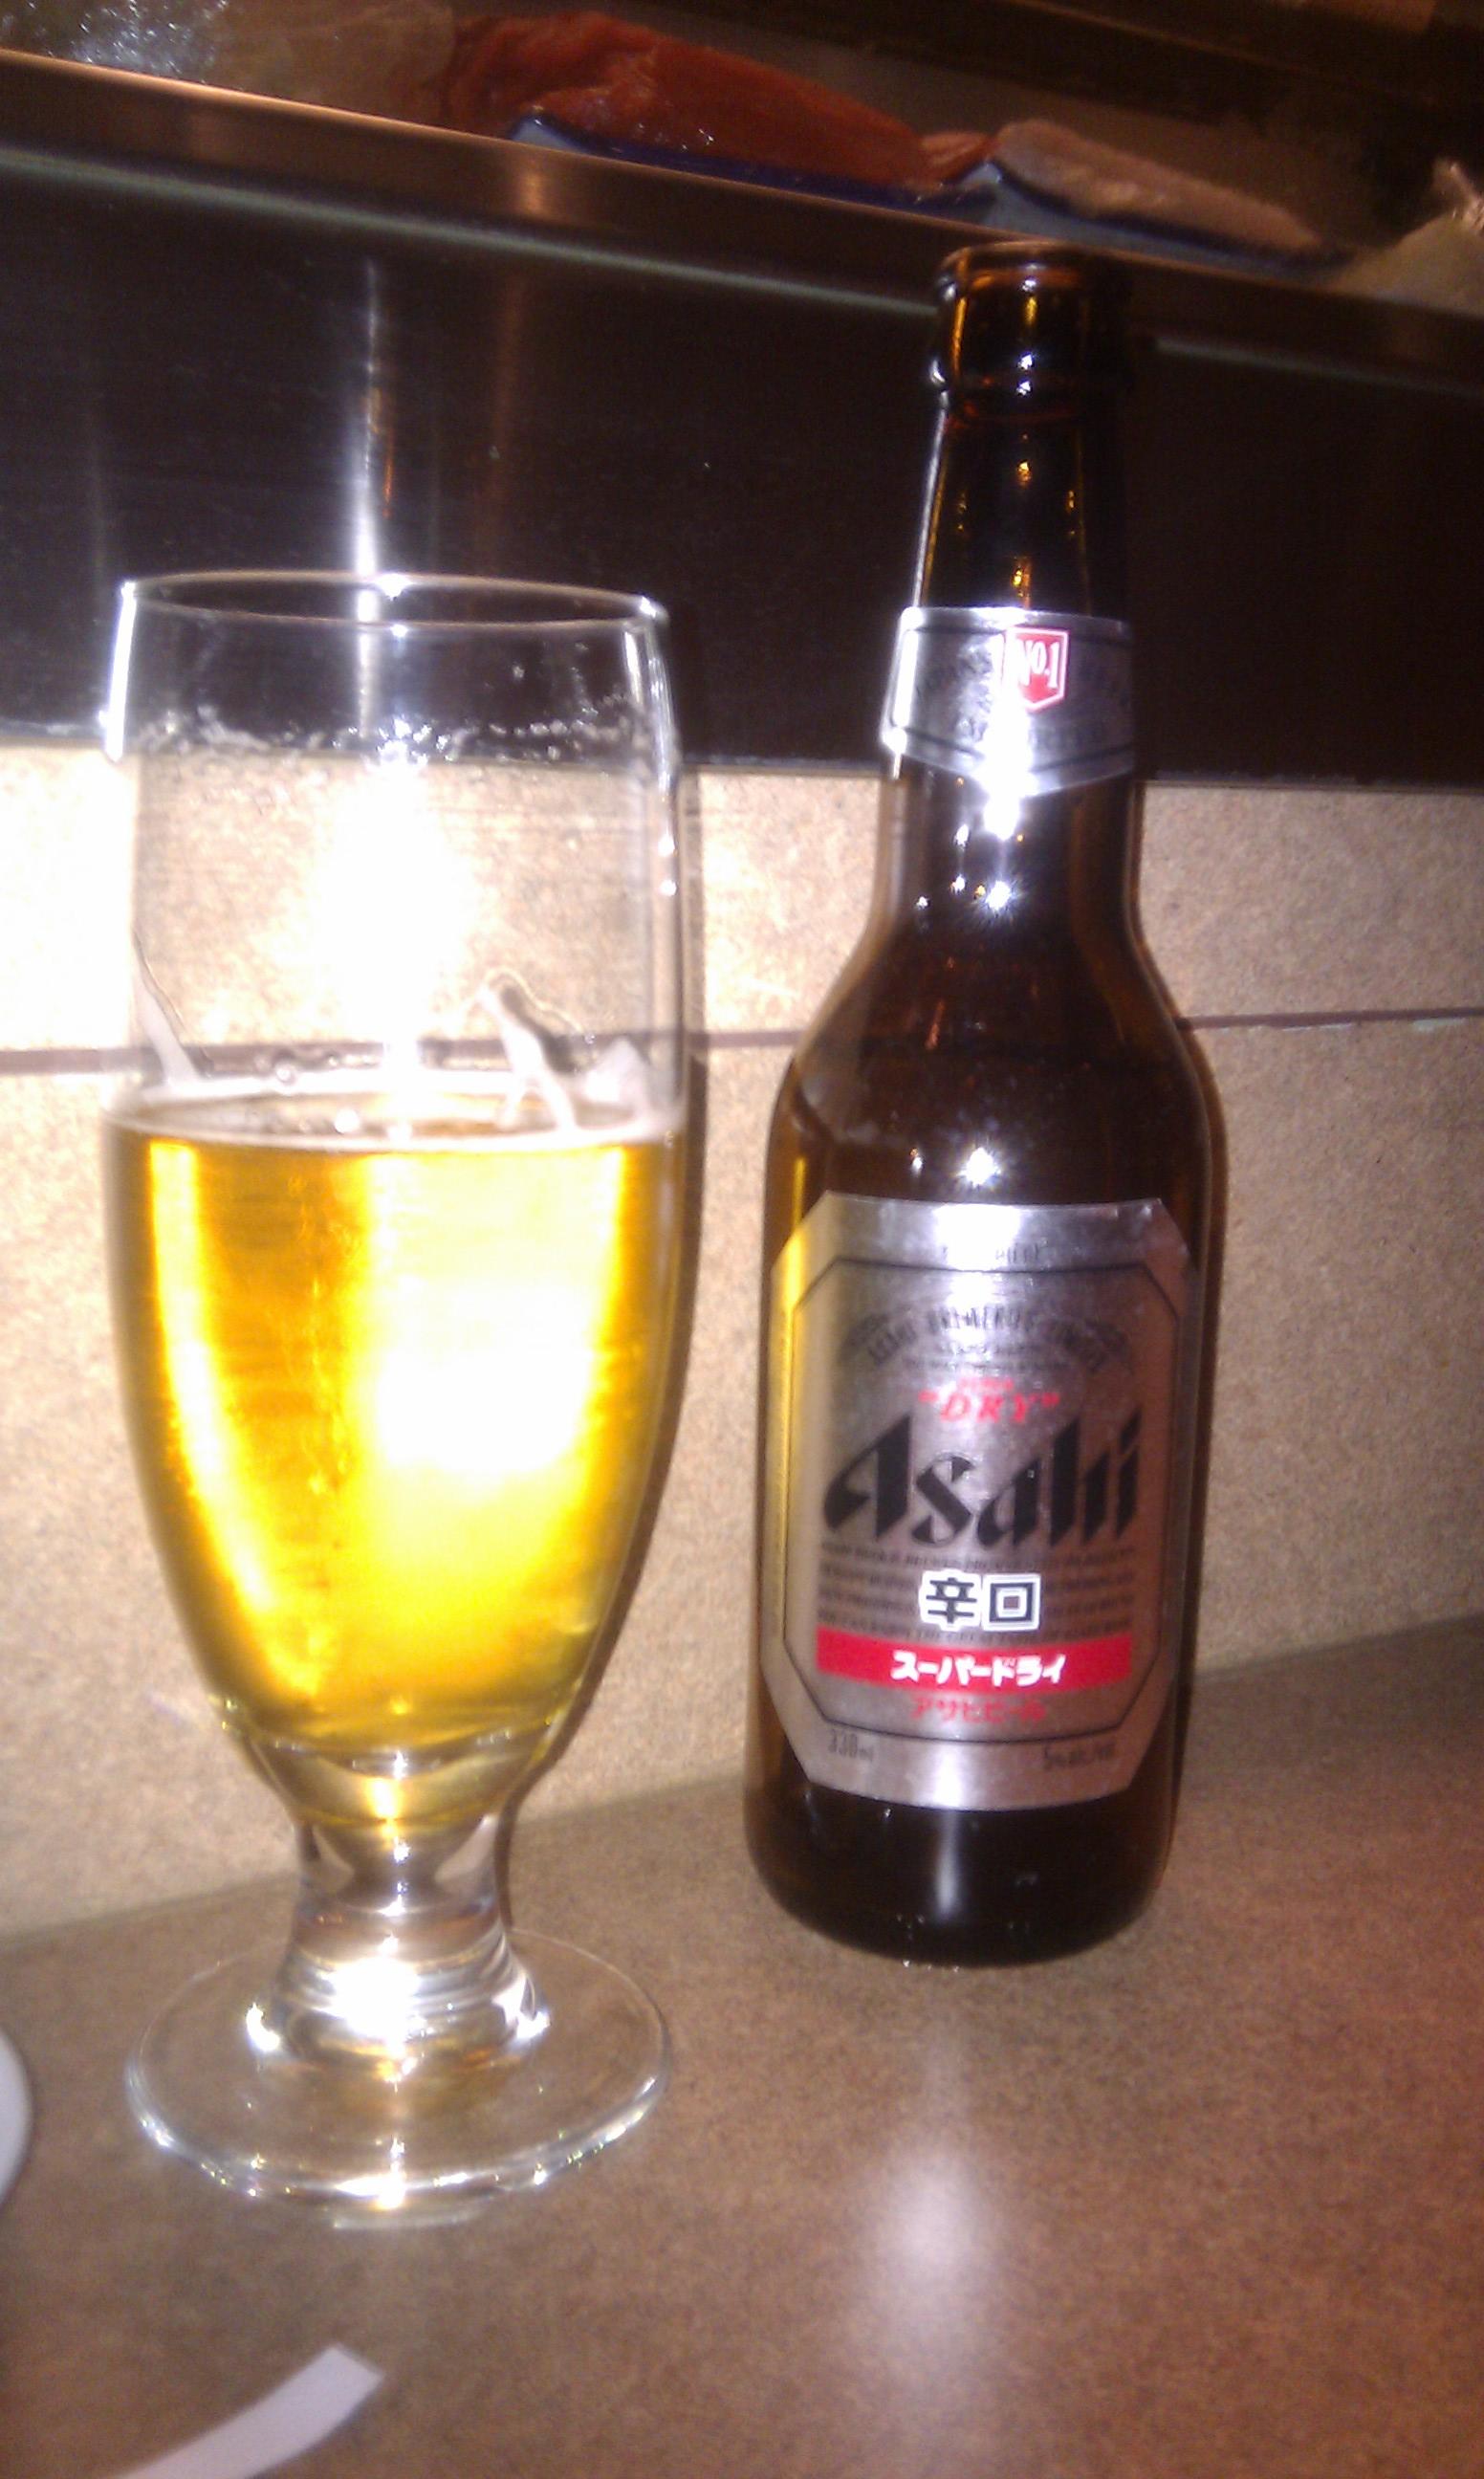 Asahi Beer at Michi Sushi